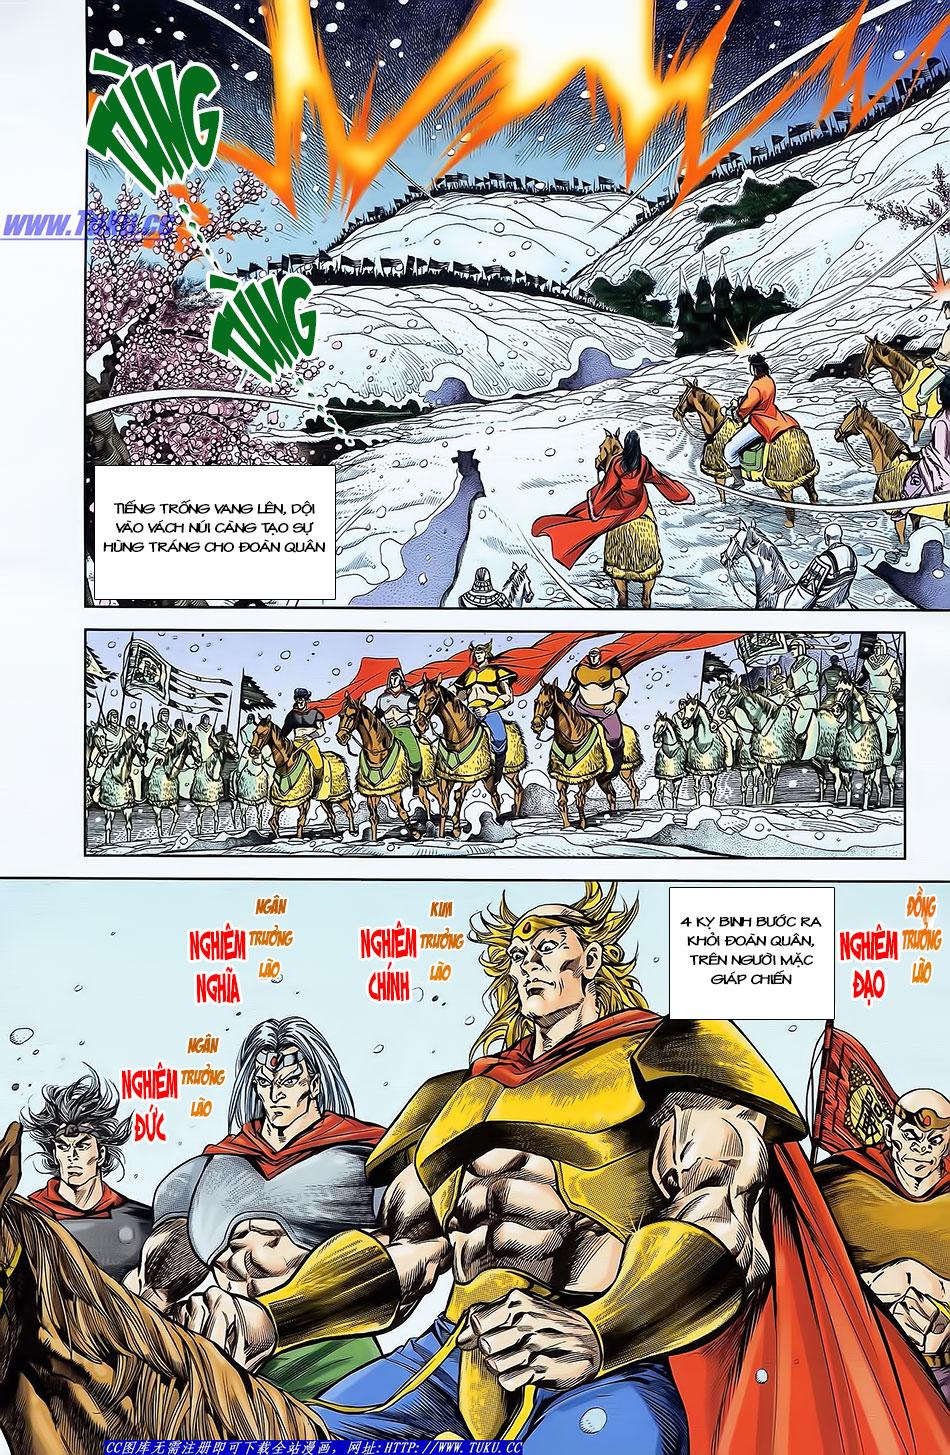 Tần Vương Doanh Chính chapter 4 trang 7